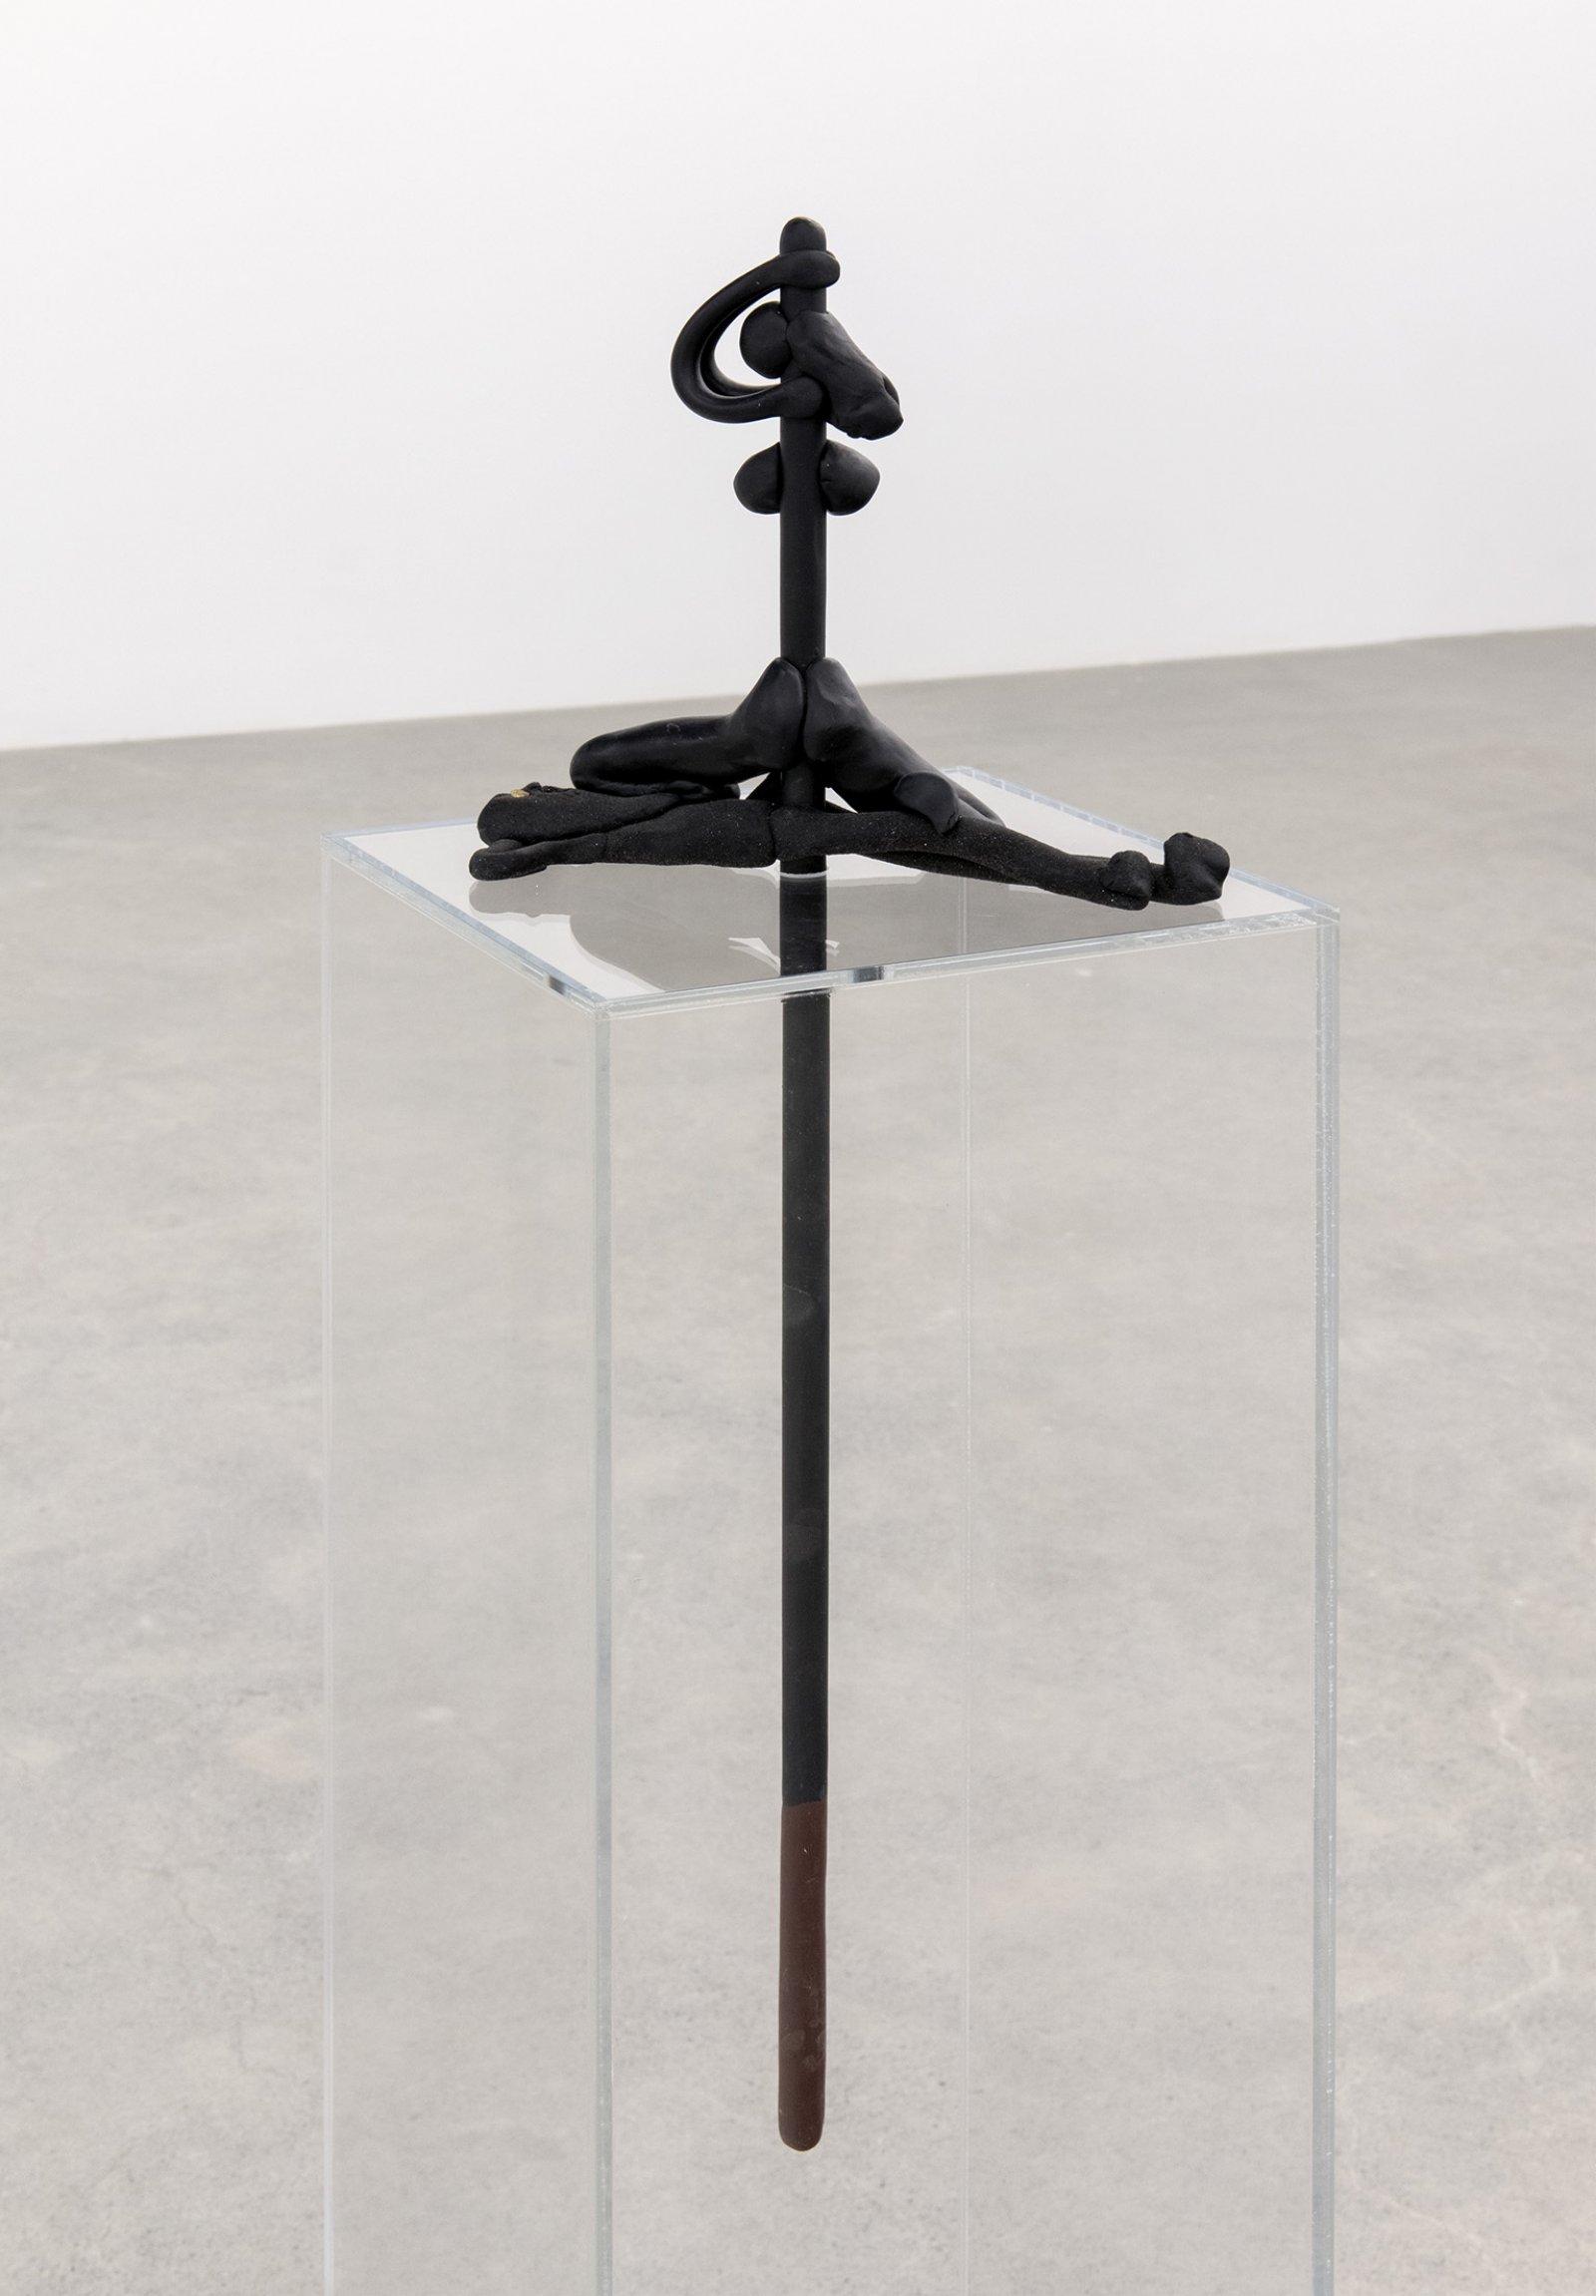 Valérie Blass, Dire à jamais qu'une seule chose à jamais la même chose, 2015, sculpting epoxy dough, sand, fool's gold, plexiglas, metal, 51 x 10 x 10 in. (130 x 24 x 24 cm) by Valérie Blass